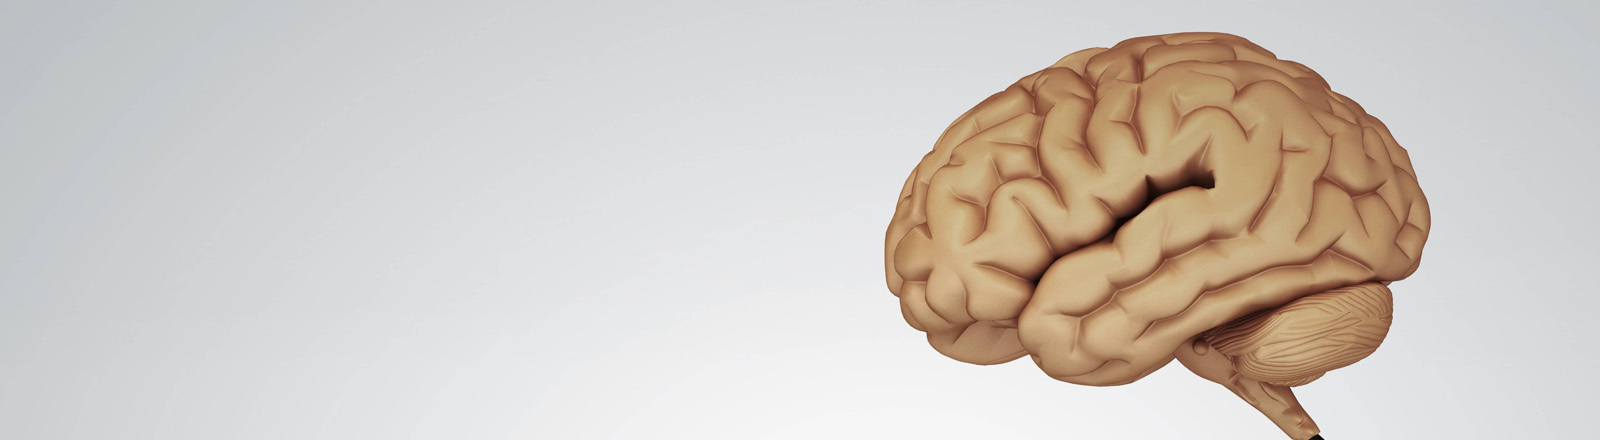 Gehirn an USB-Kabel